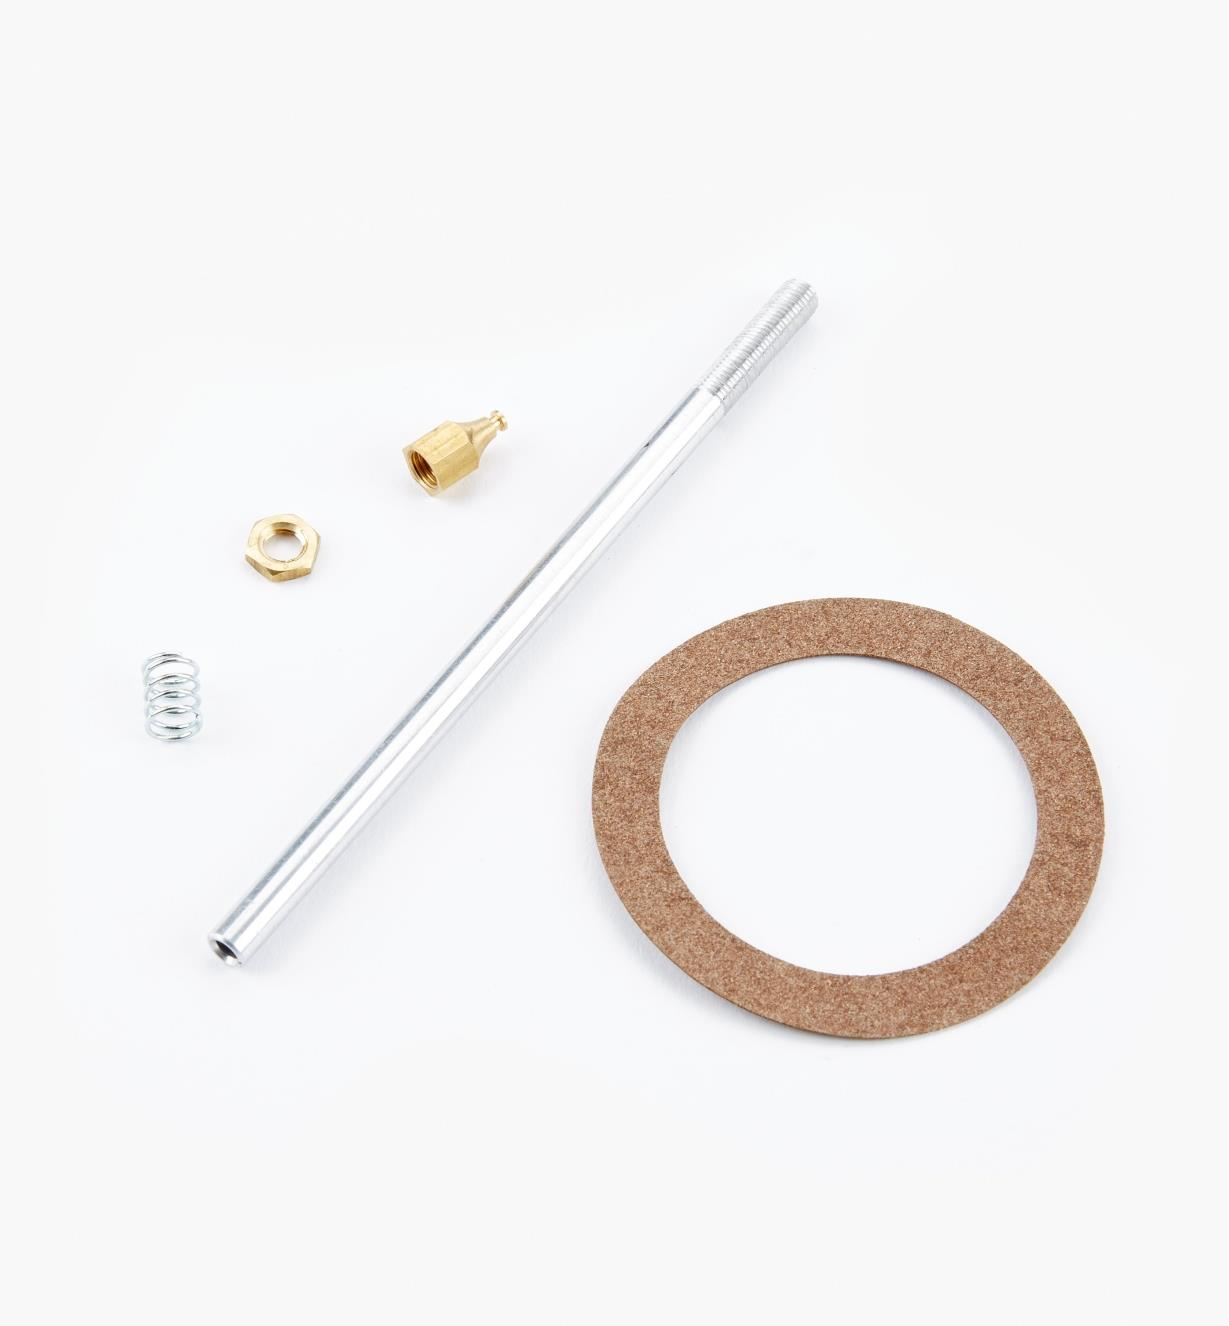 03K0302 - Repair Kit